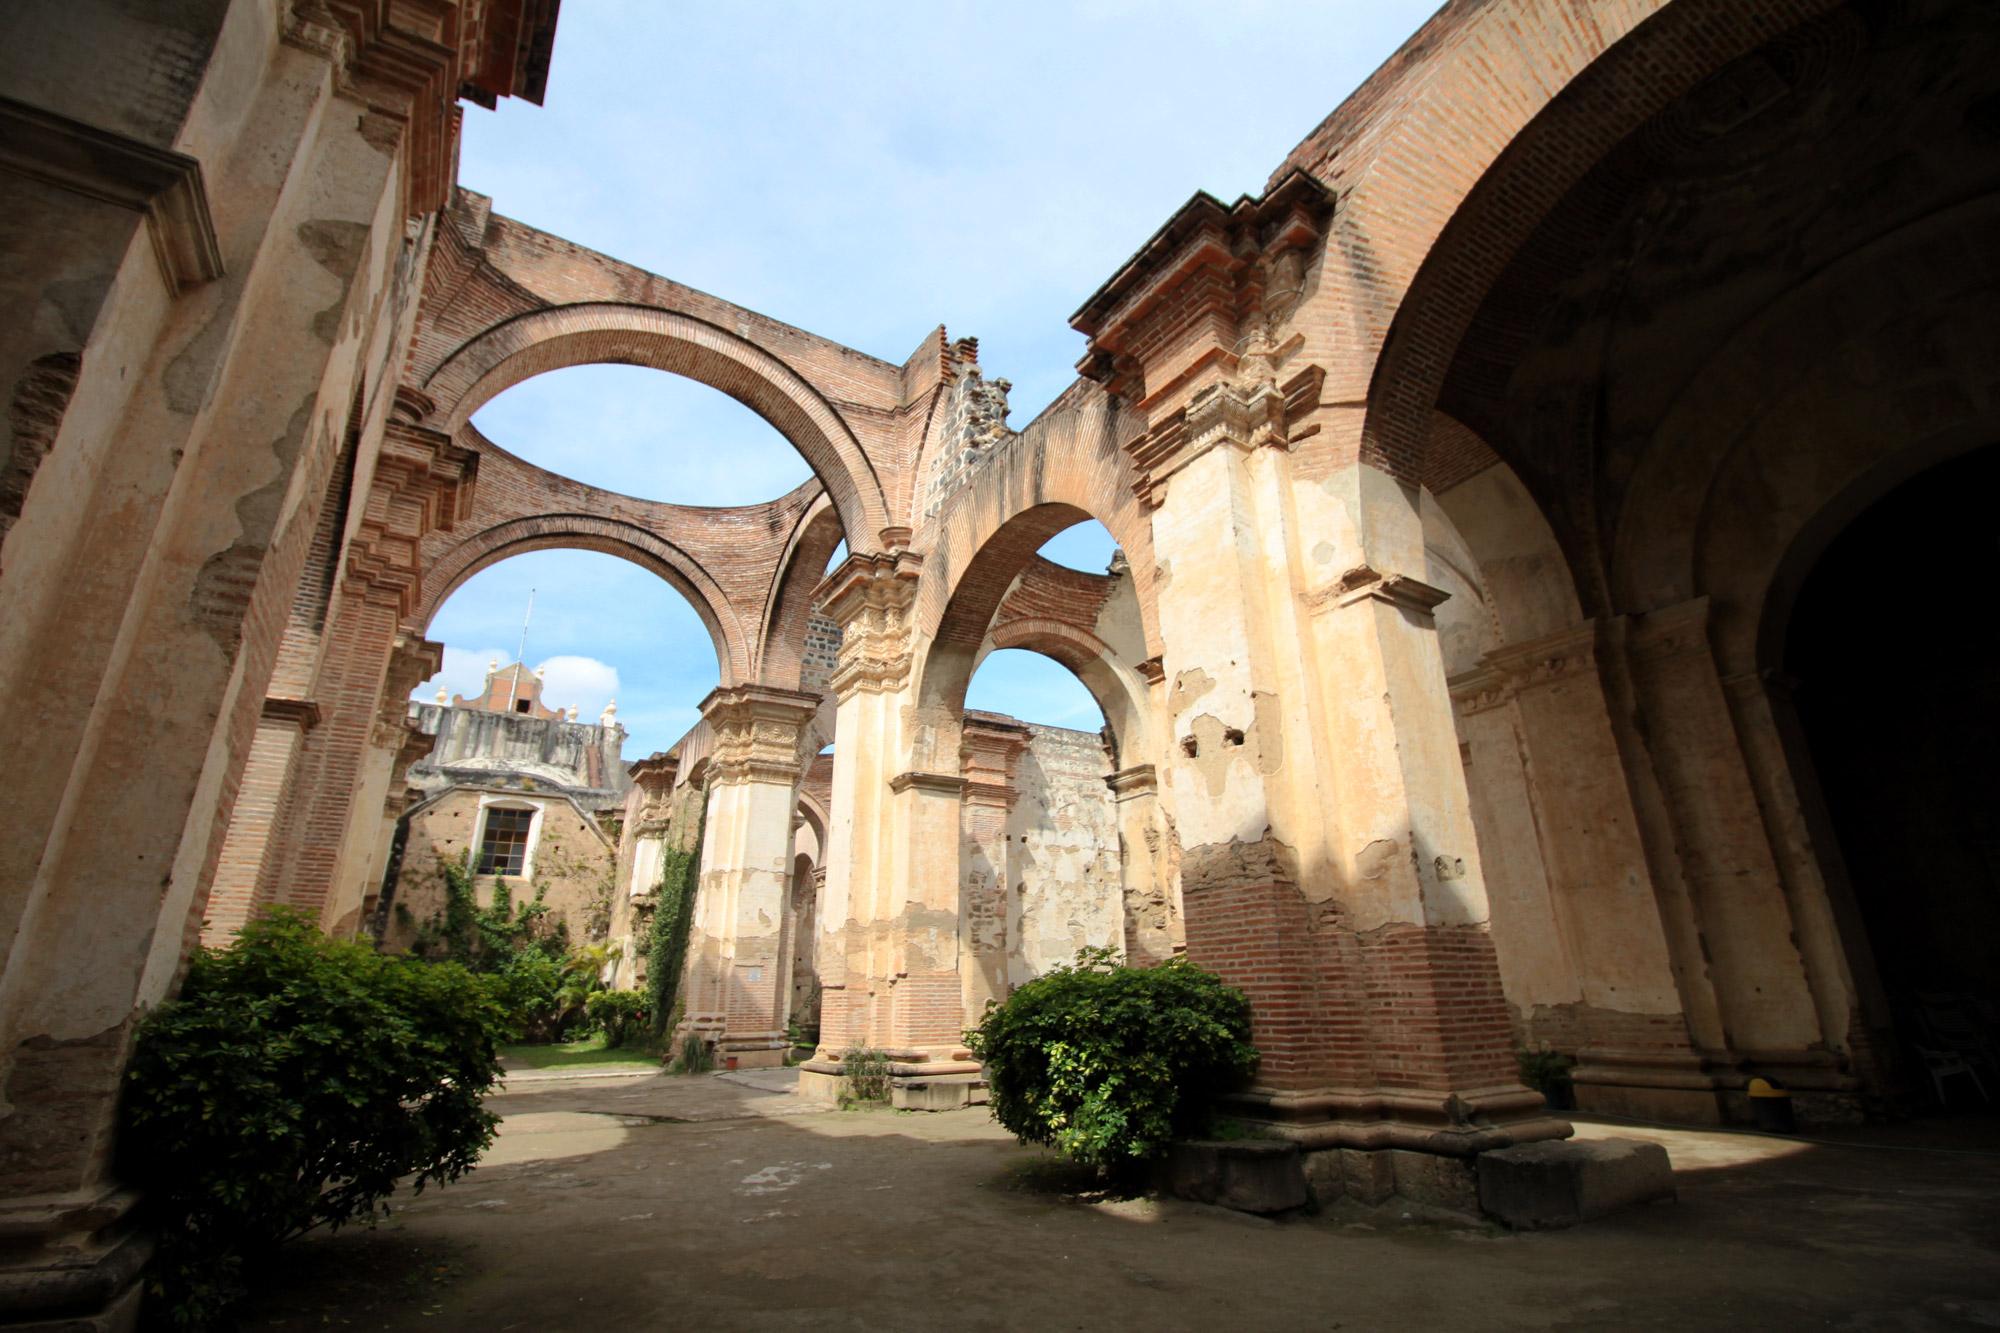 De ruïnes van Antigua - Catedral de Santiago